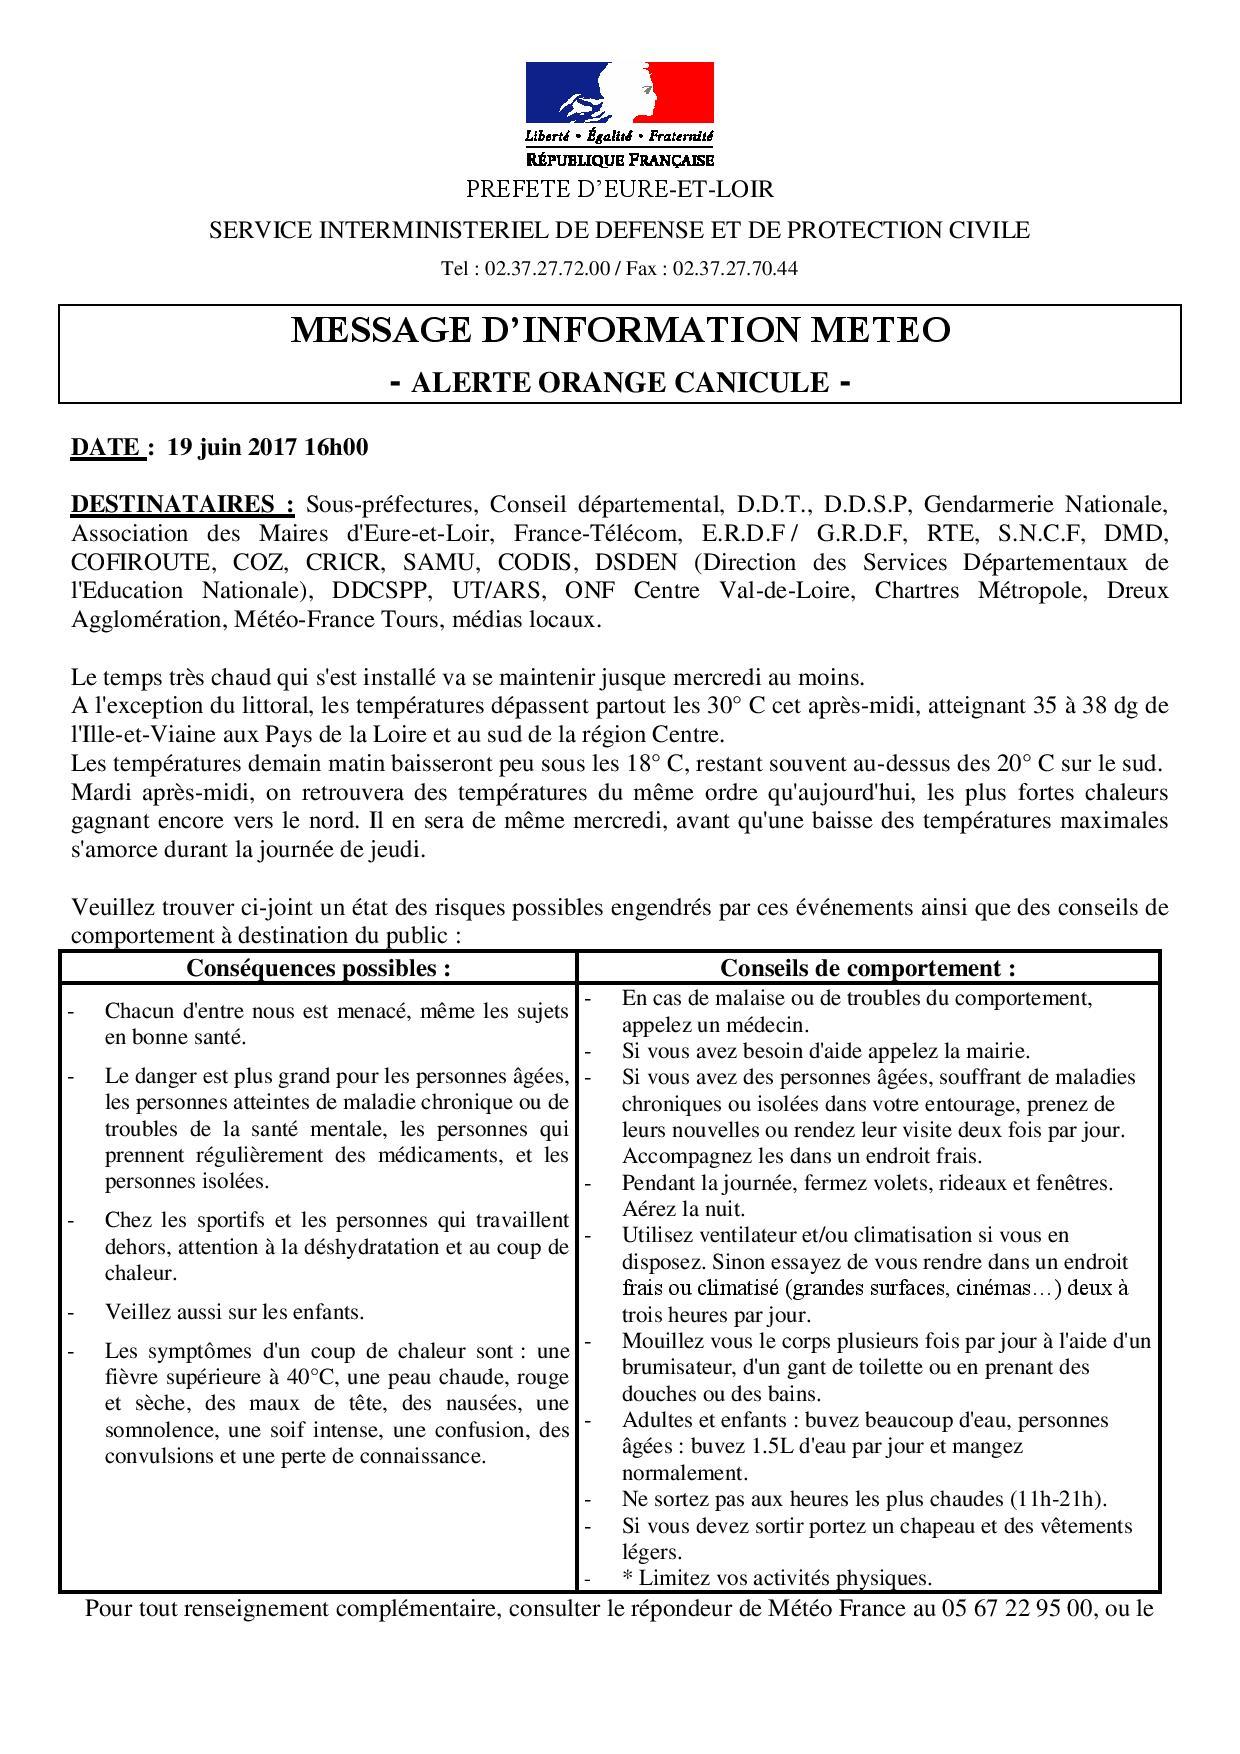 alerte-orange-canicule-19-06-2017-a-16h00